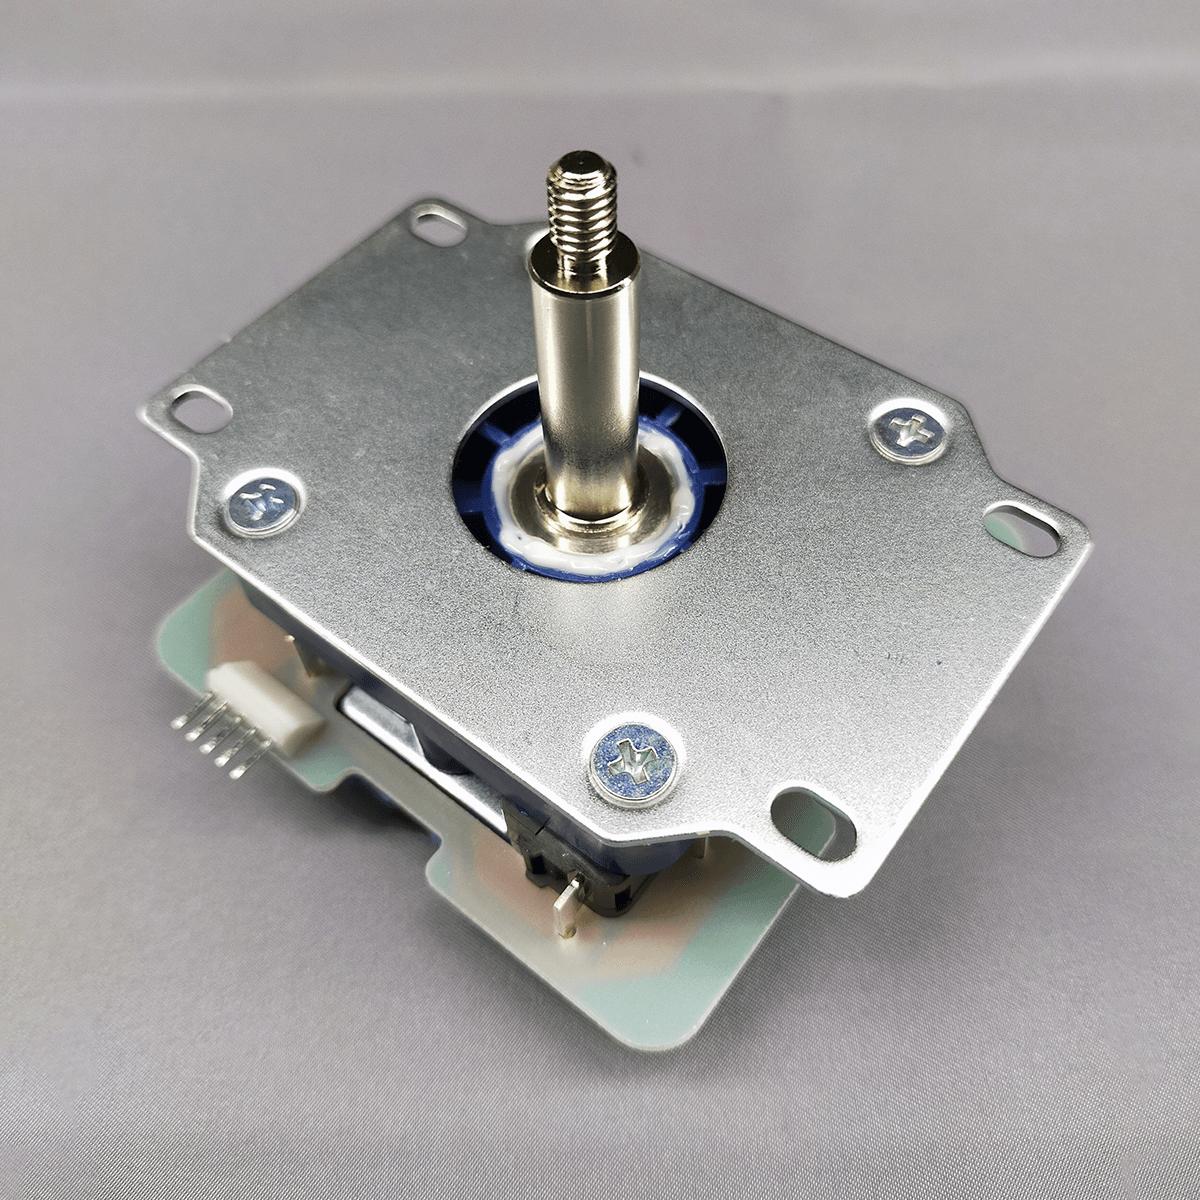 セイミツ工業 LS-32-01-SUS(メタル軸受仕様) 基盤タイプジョイスティックレバー